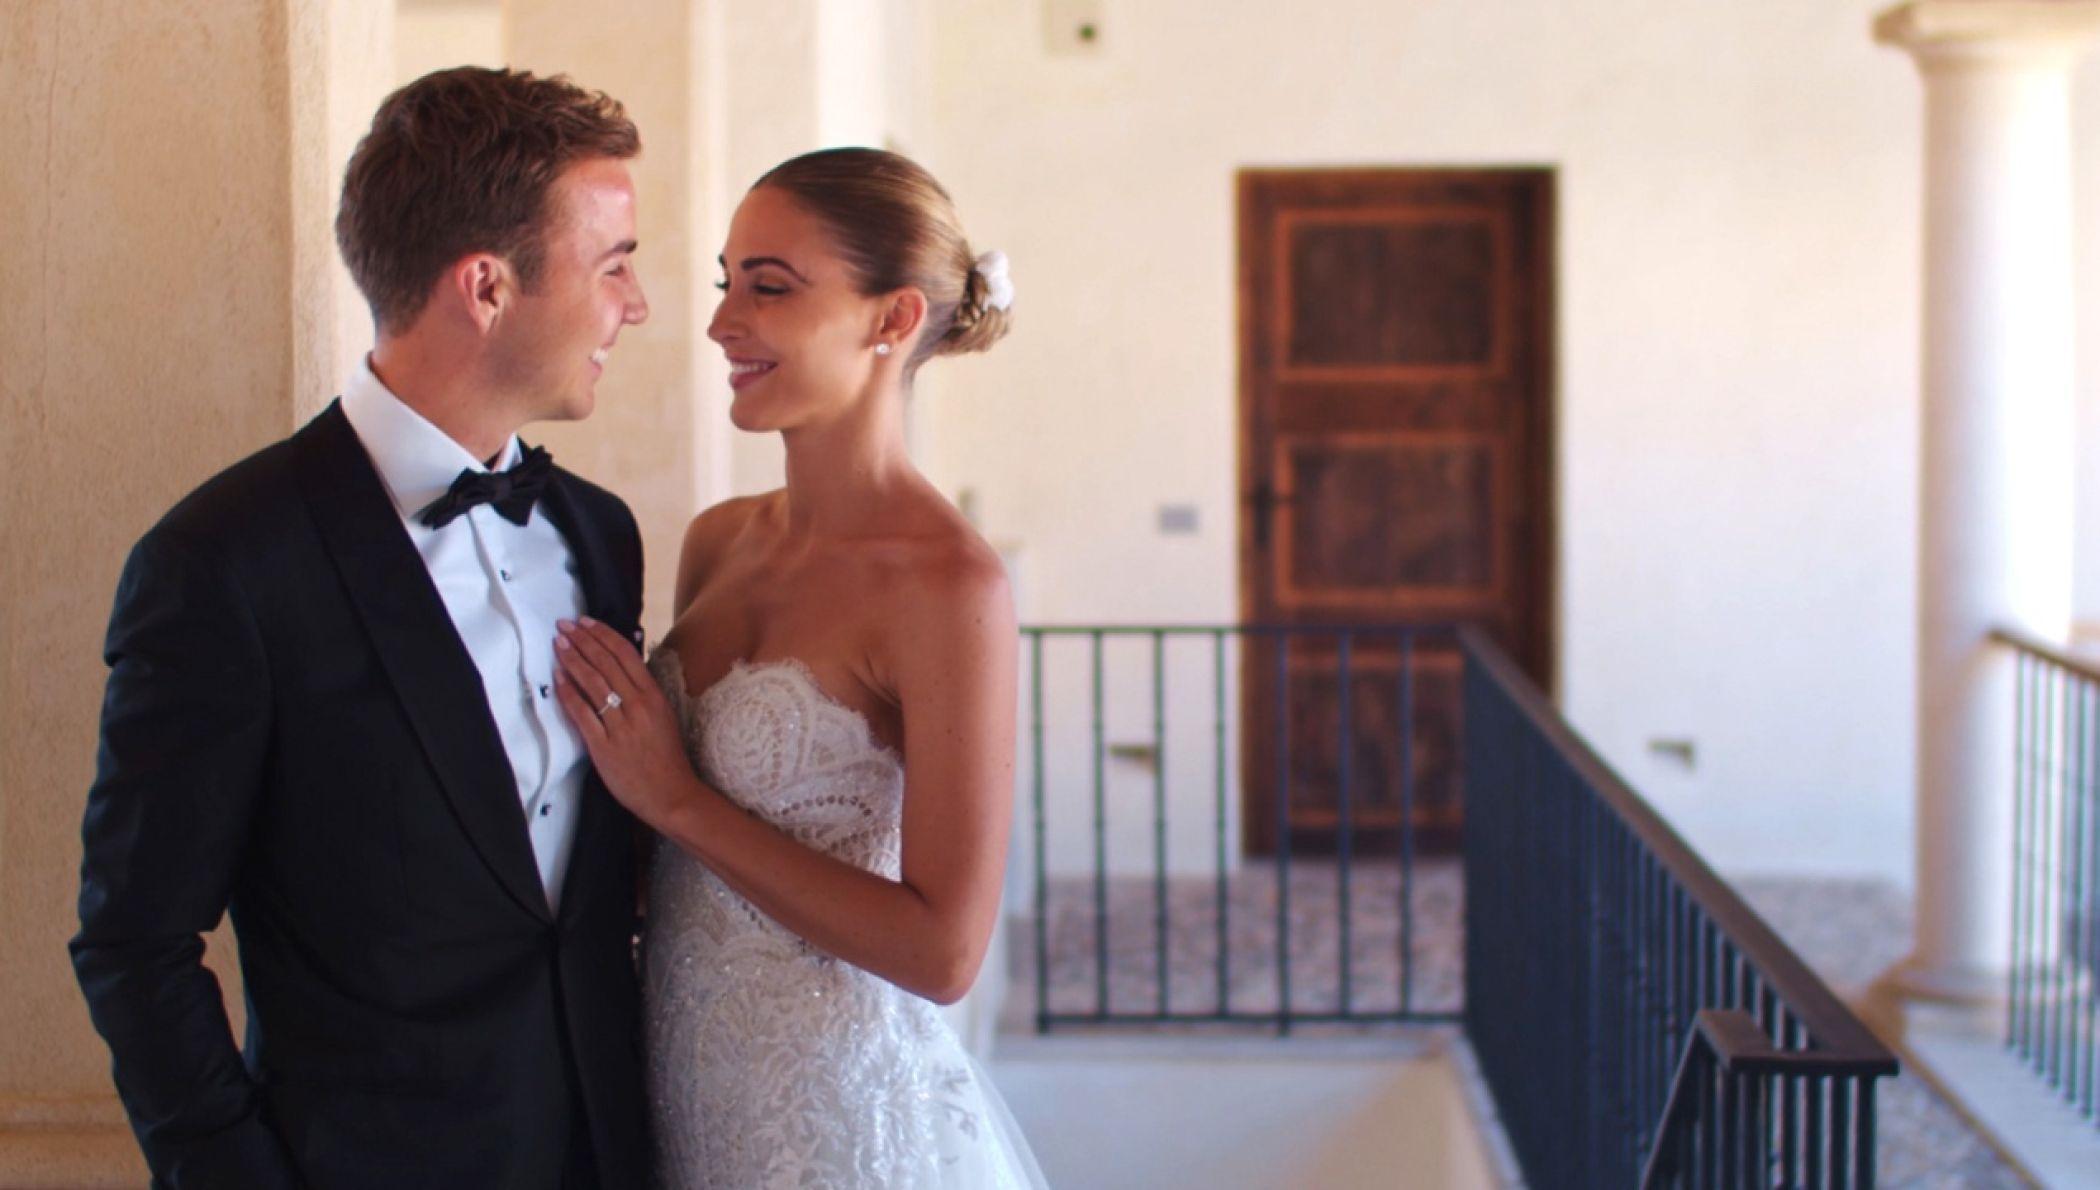 Ann Kathrin Mario Gotze Heisse Kusse Temperamentvolle Tanzeinlagen Das Ist Ihr Offizielles Hochzeitsvideo Hochzeitsvideos Kleid Hochzeit Hochzeit